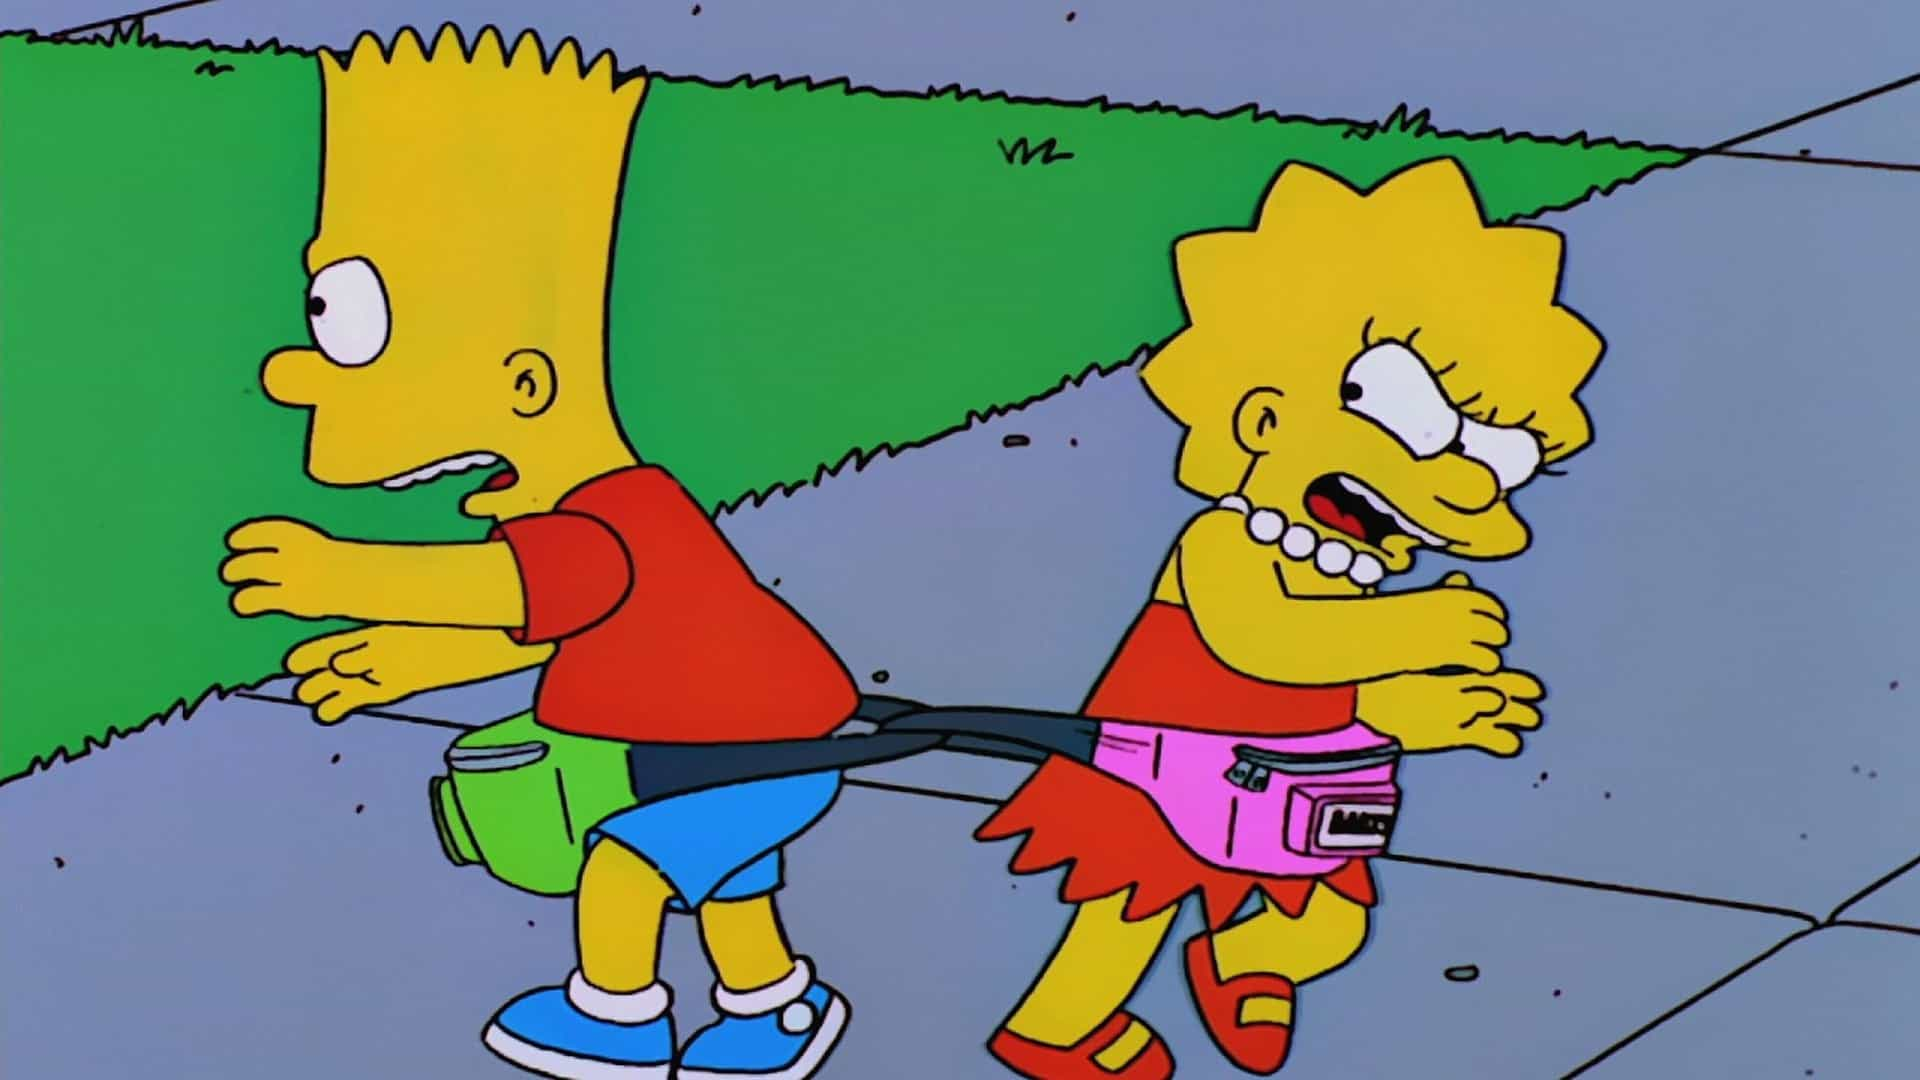 Trinta segredos sobre 'Os Simpsons' que provavelmente desconhecia